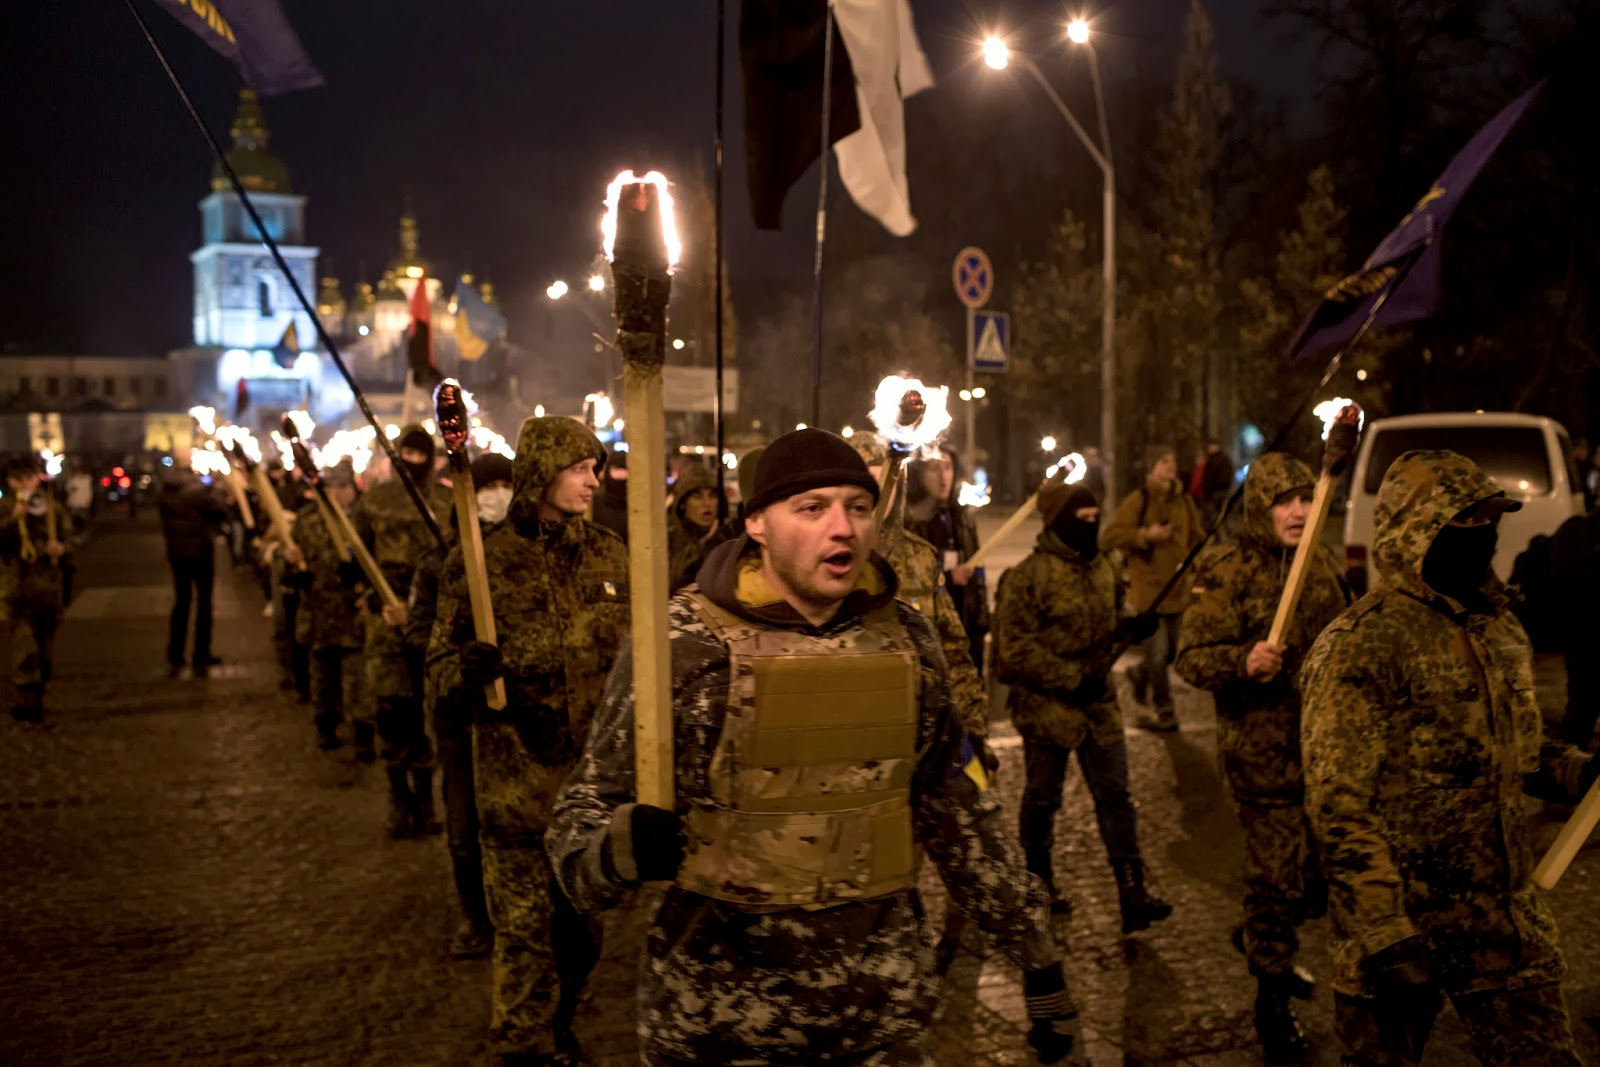 Défilé Svoboda la nuit aux flambeaux